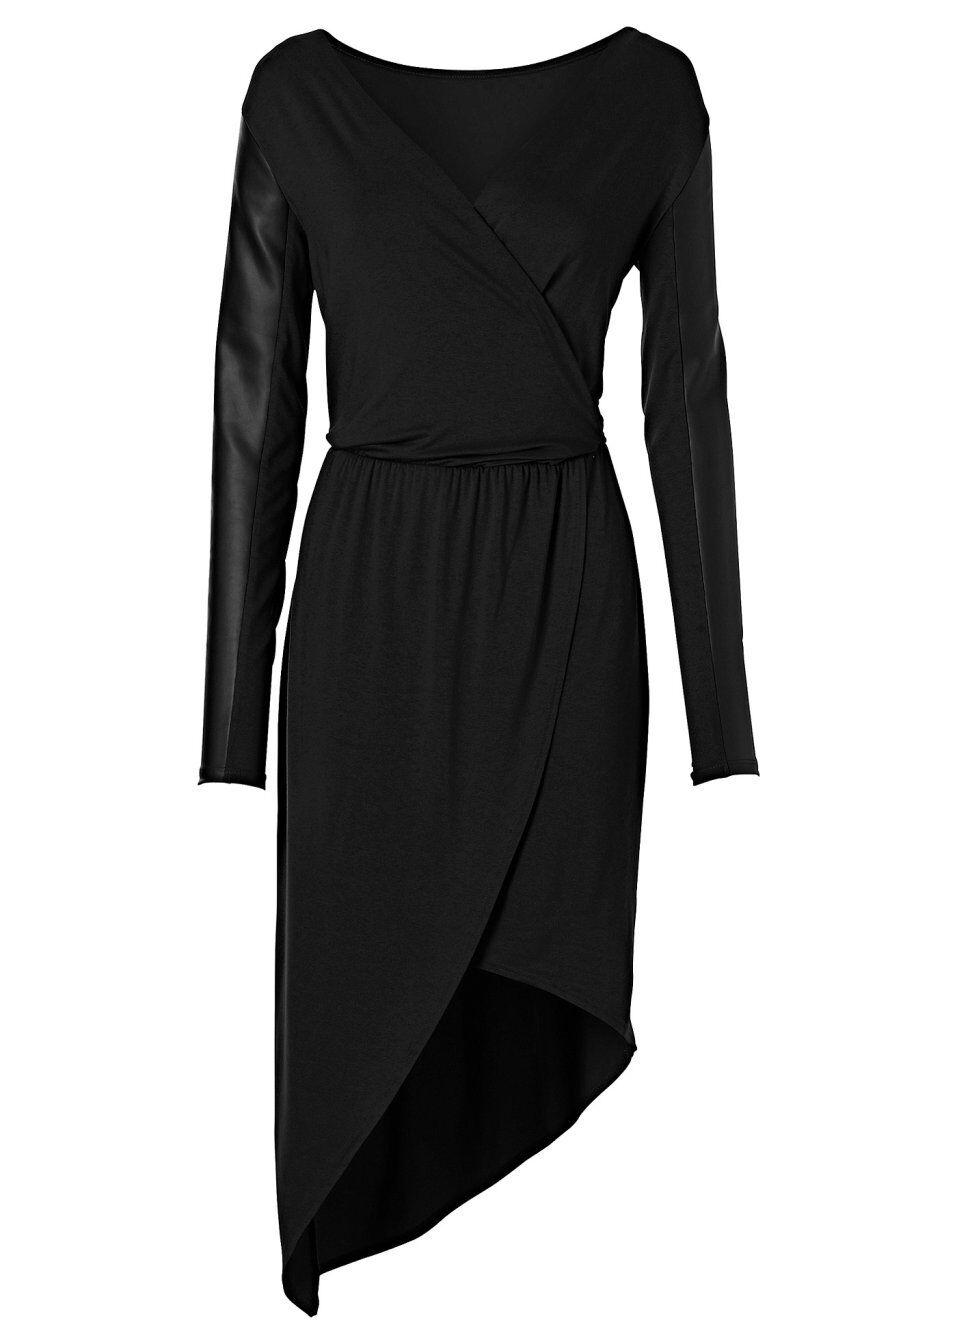 Rainbow Damen Kleid Asymmetrisch Wickelkleid Abendkleid Schwarz 32 34 972885 Kaufen Bei Yeset Shop